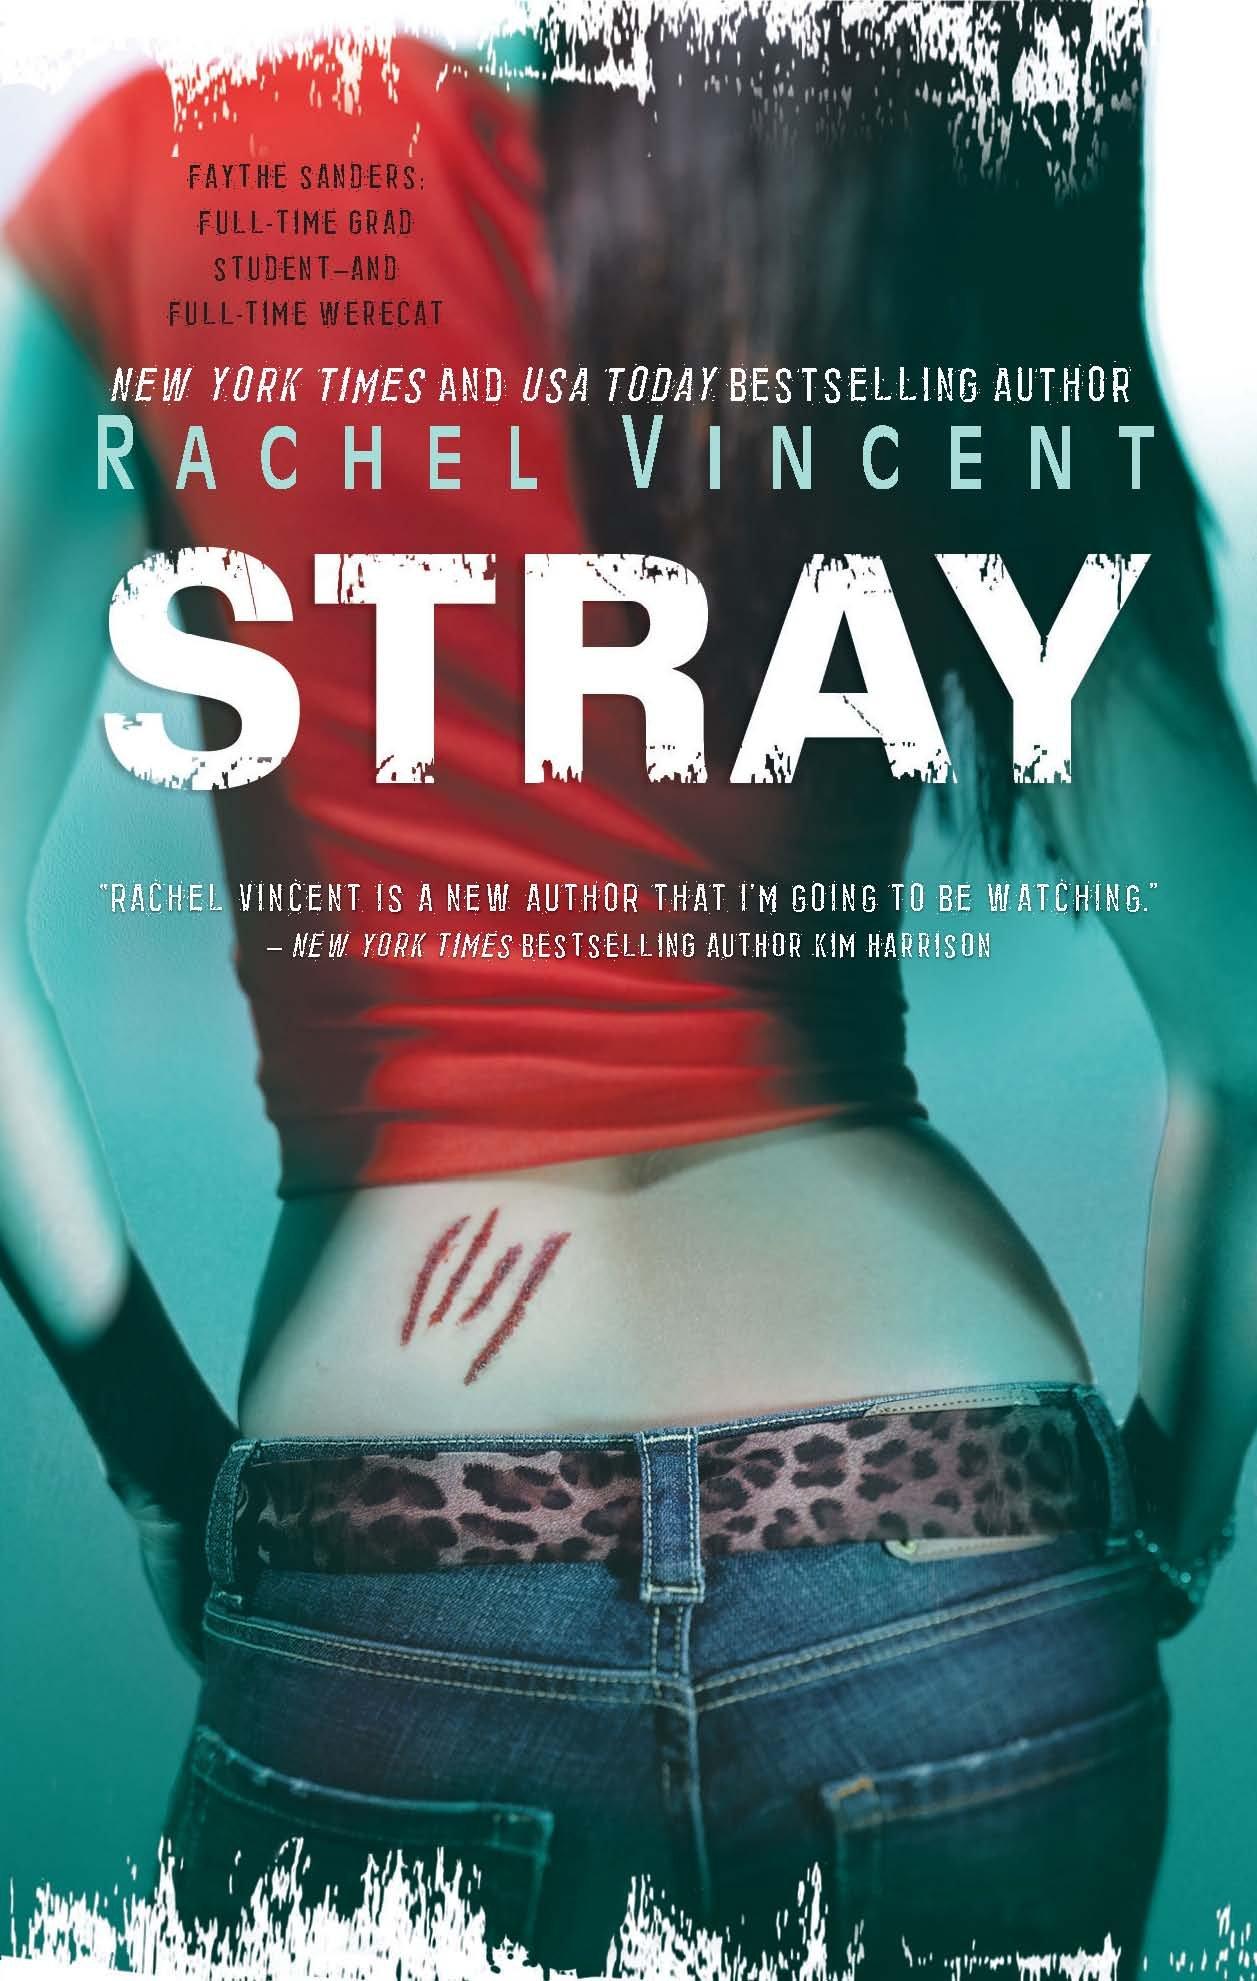 Ayuda con el título de un libro, es romantico-cambiaformas - encontrado - Stray de Rachel Vincent (Serie Werecats 01) 81kCM4AZ1HL